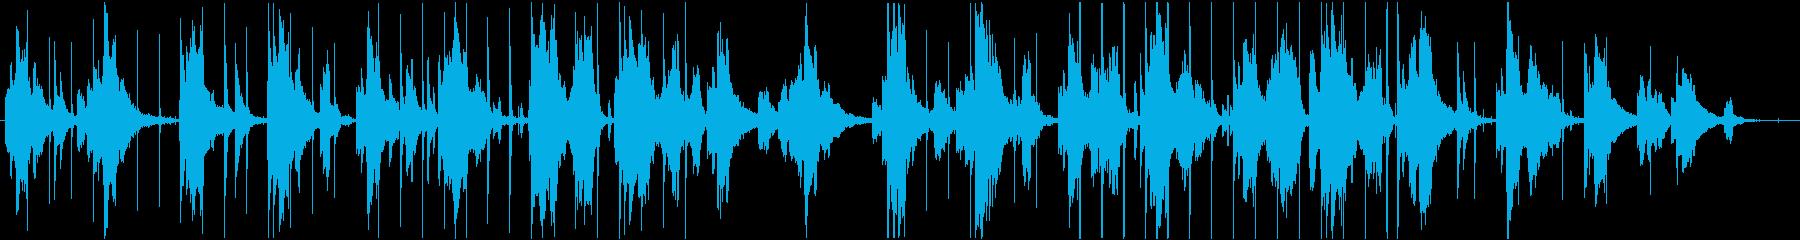 サックスが印象的なバラードの再生済みの波形